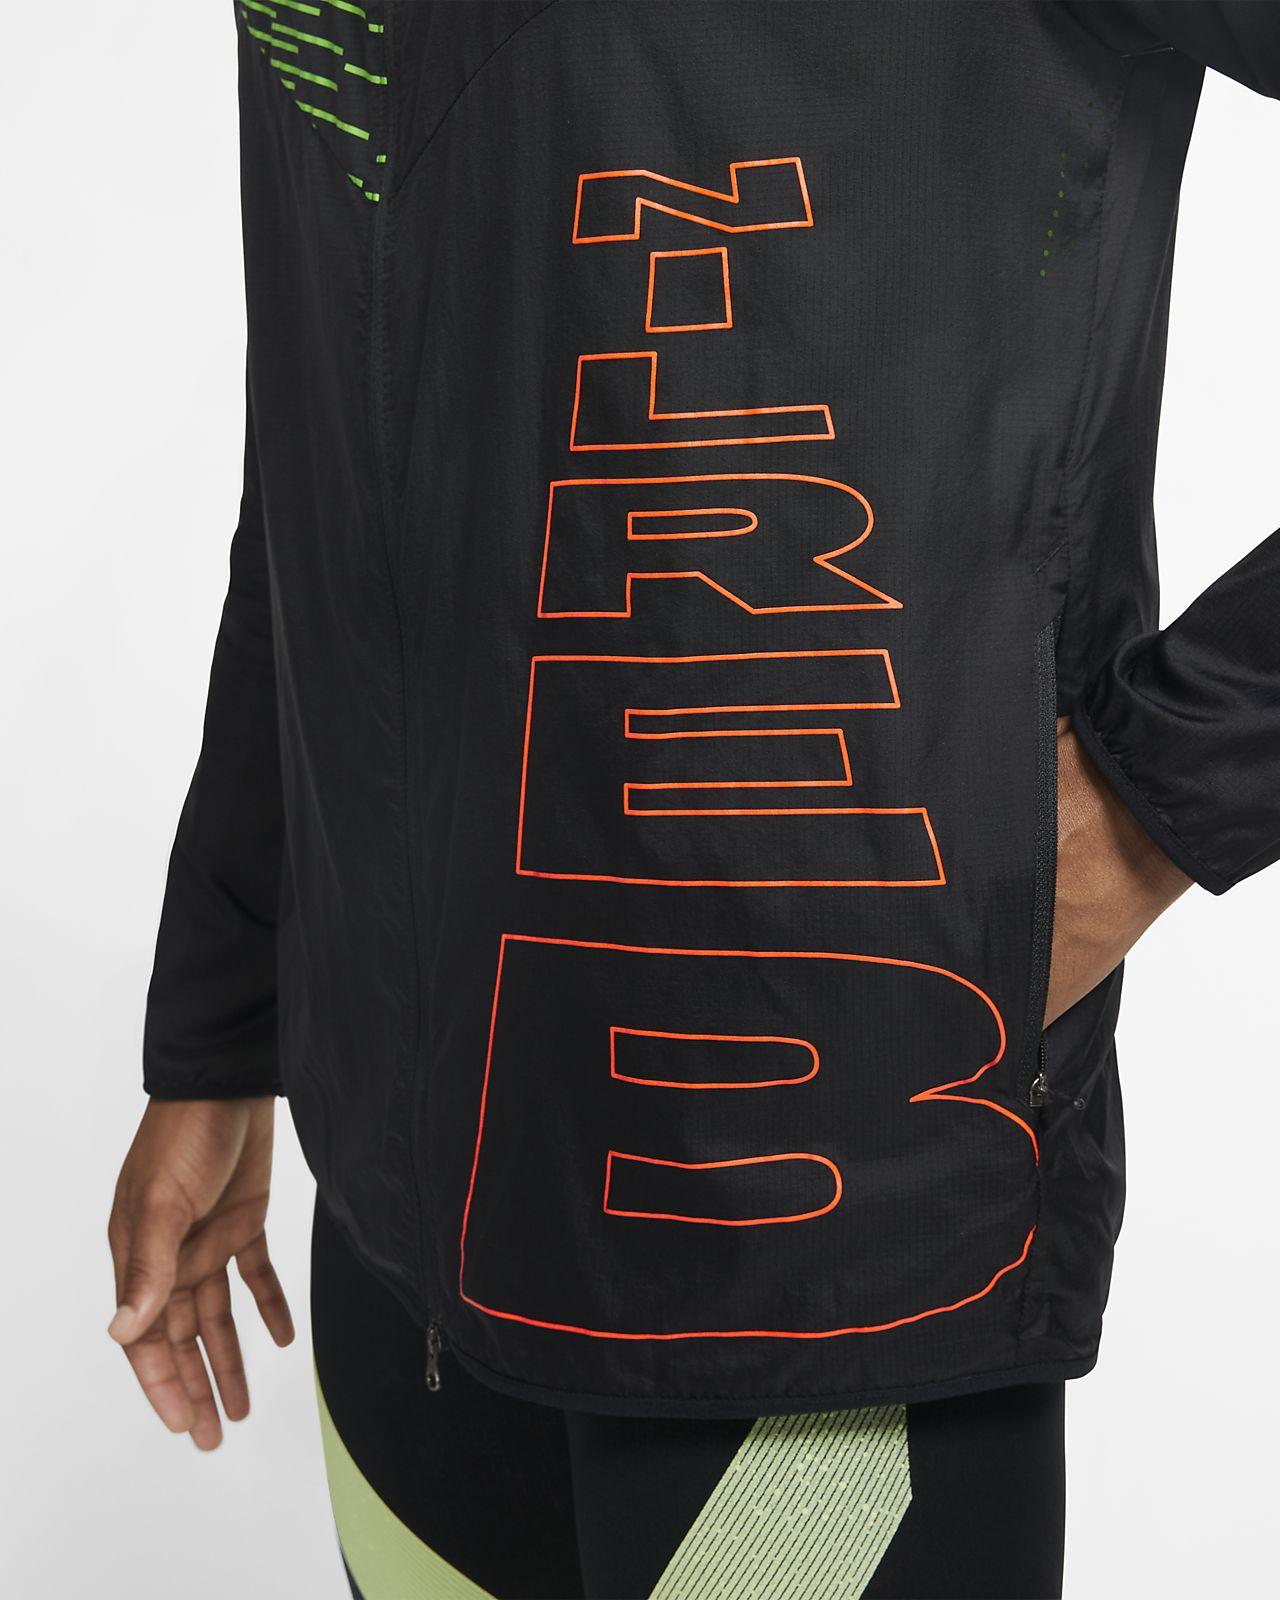 Nike Running Berlin Men's Windrunner Jacket